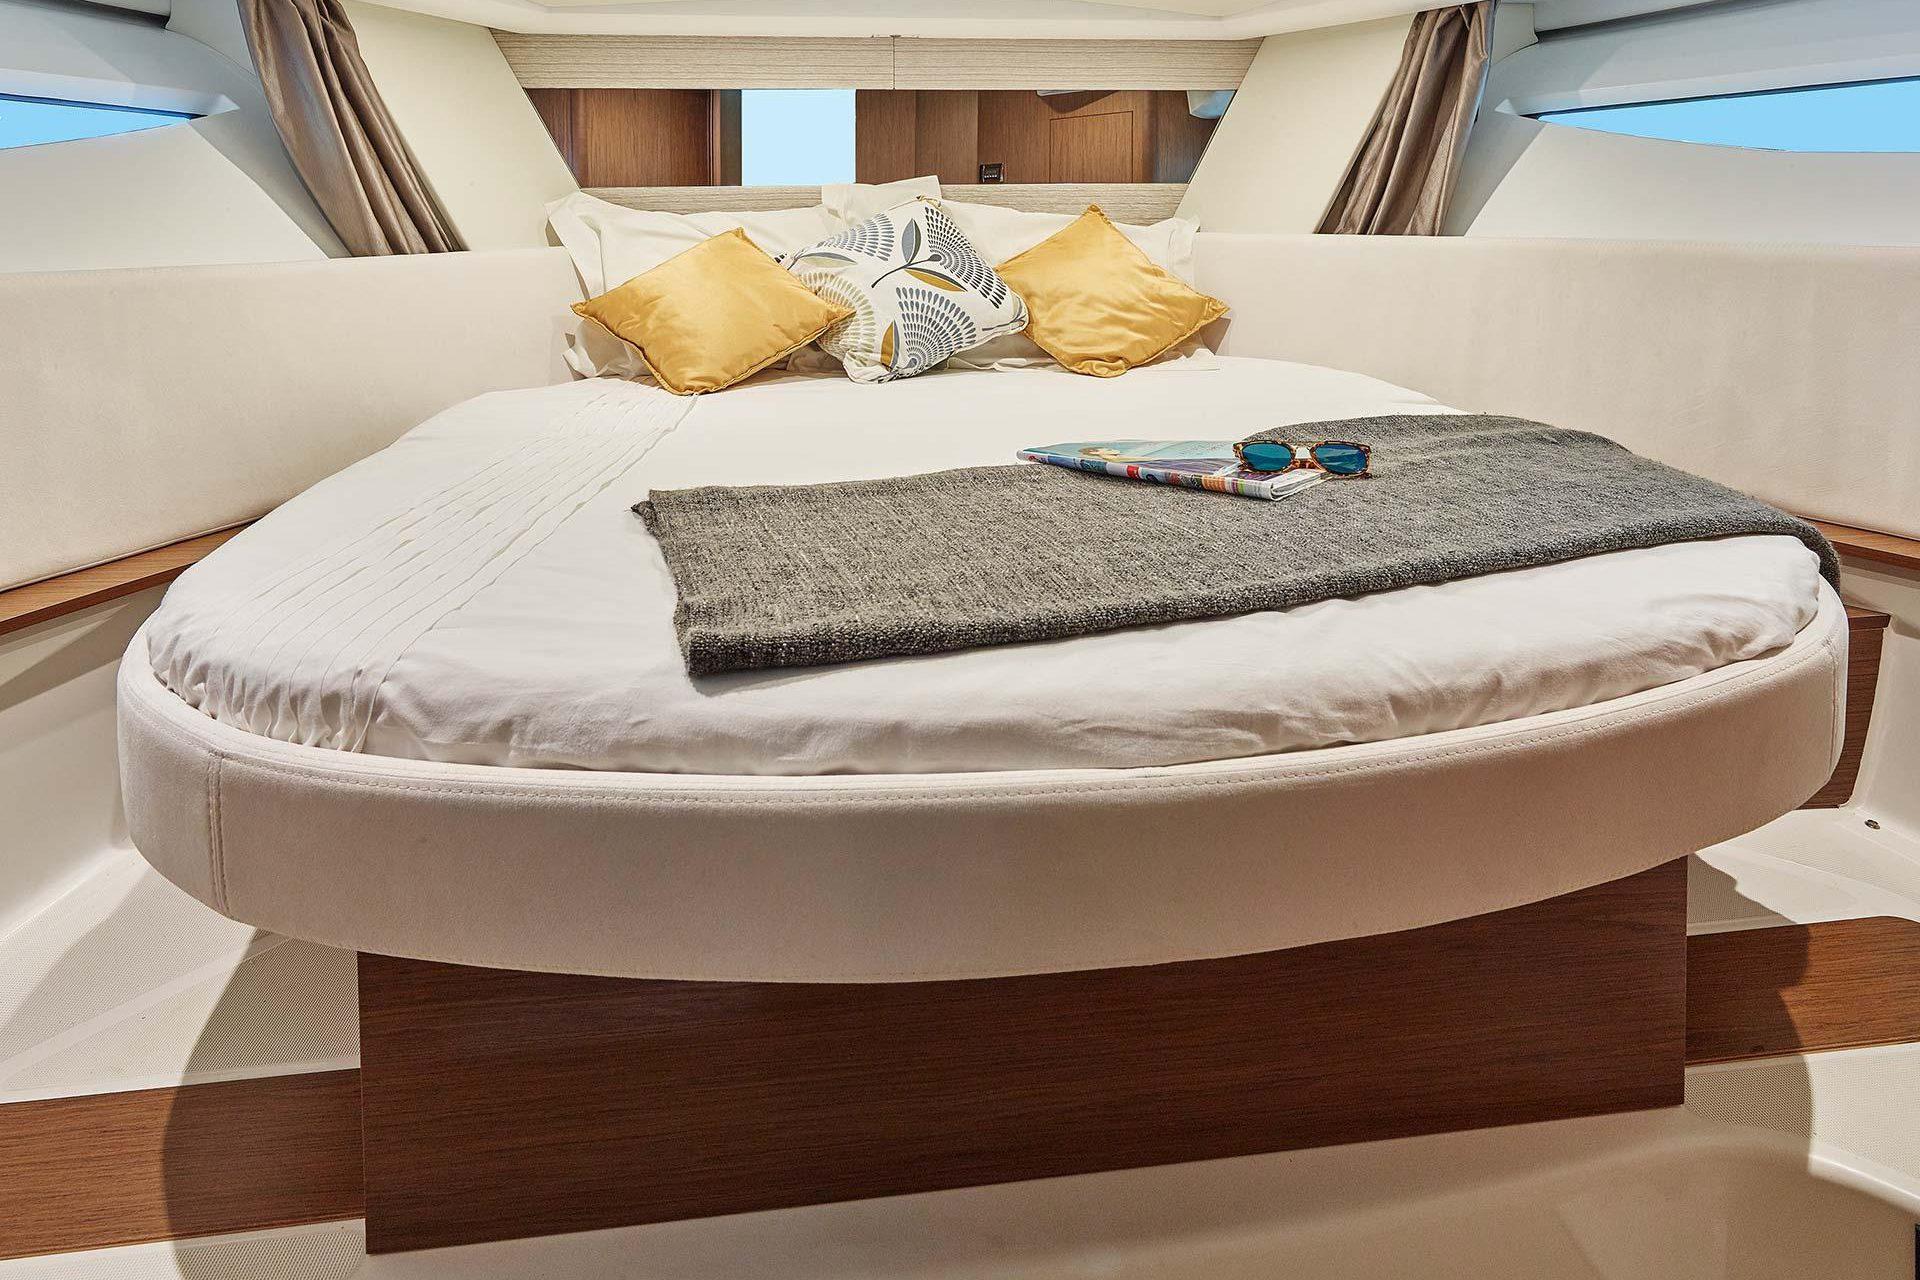 فروش قایق های تفریحی NC 11 (8)